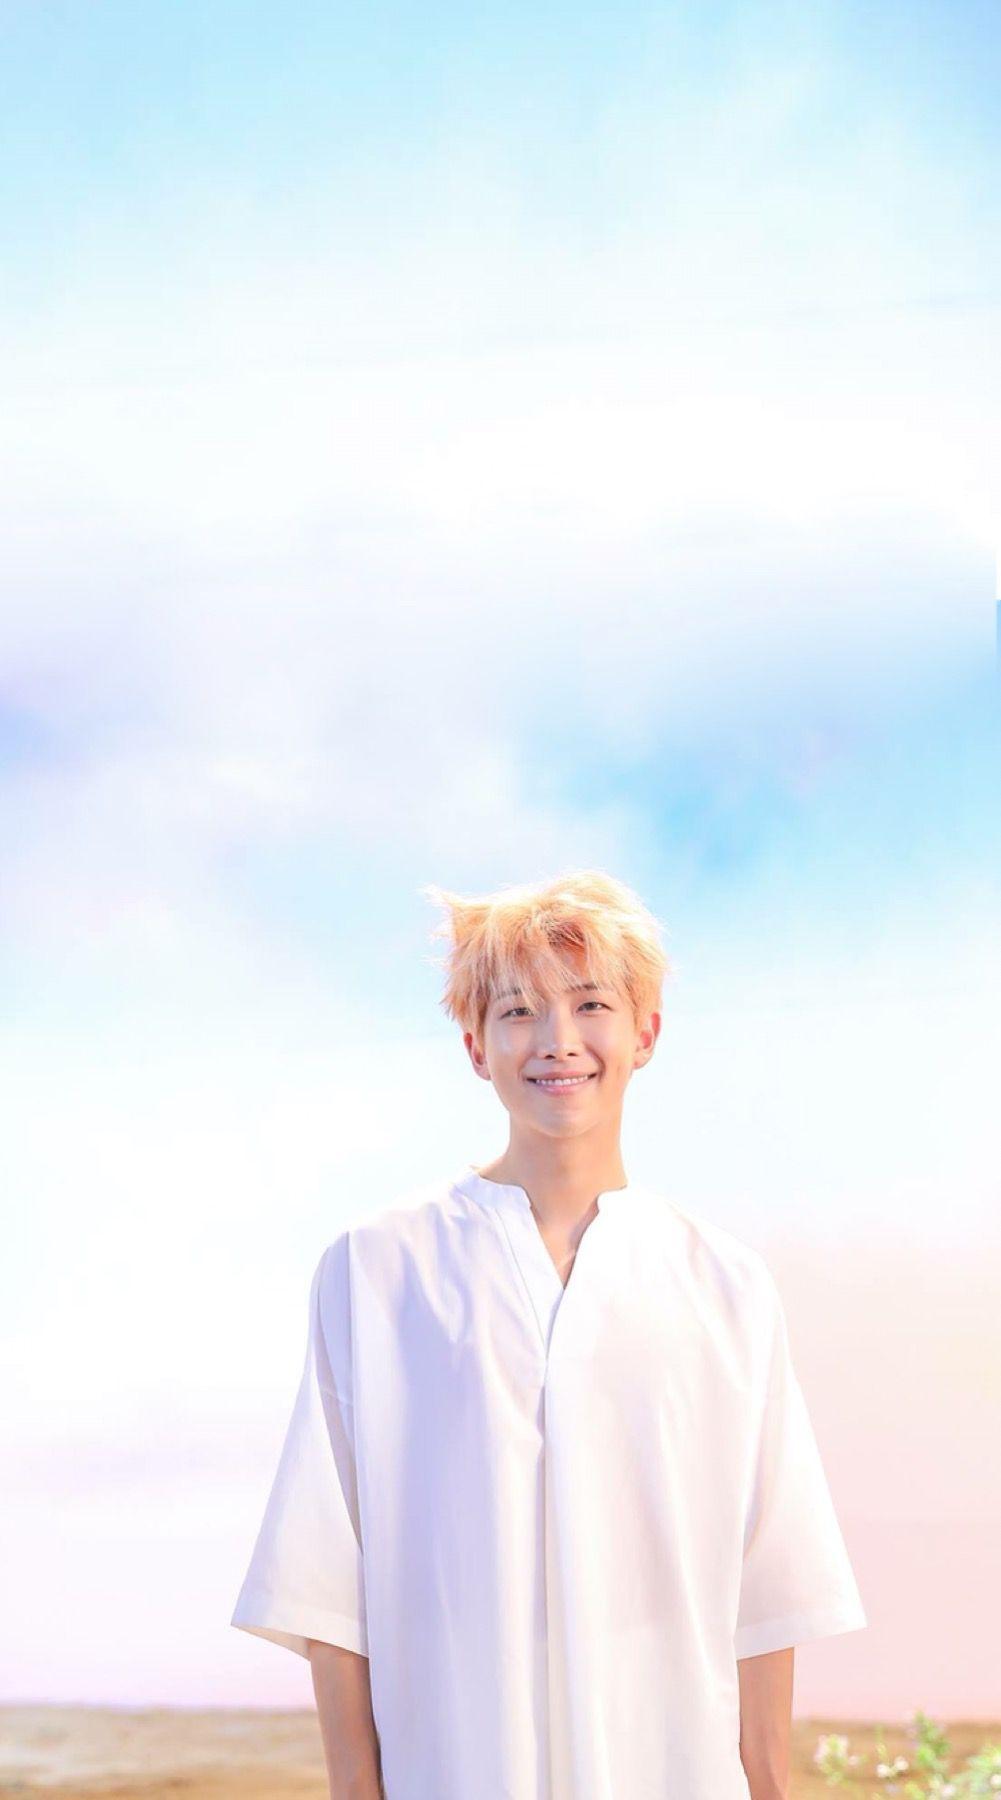 BTS RM WALLPAPER KIM NAM JOON | BTS WALLPAPER | Pinterest | BTS .